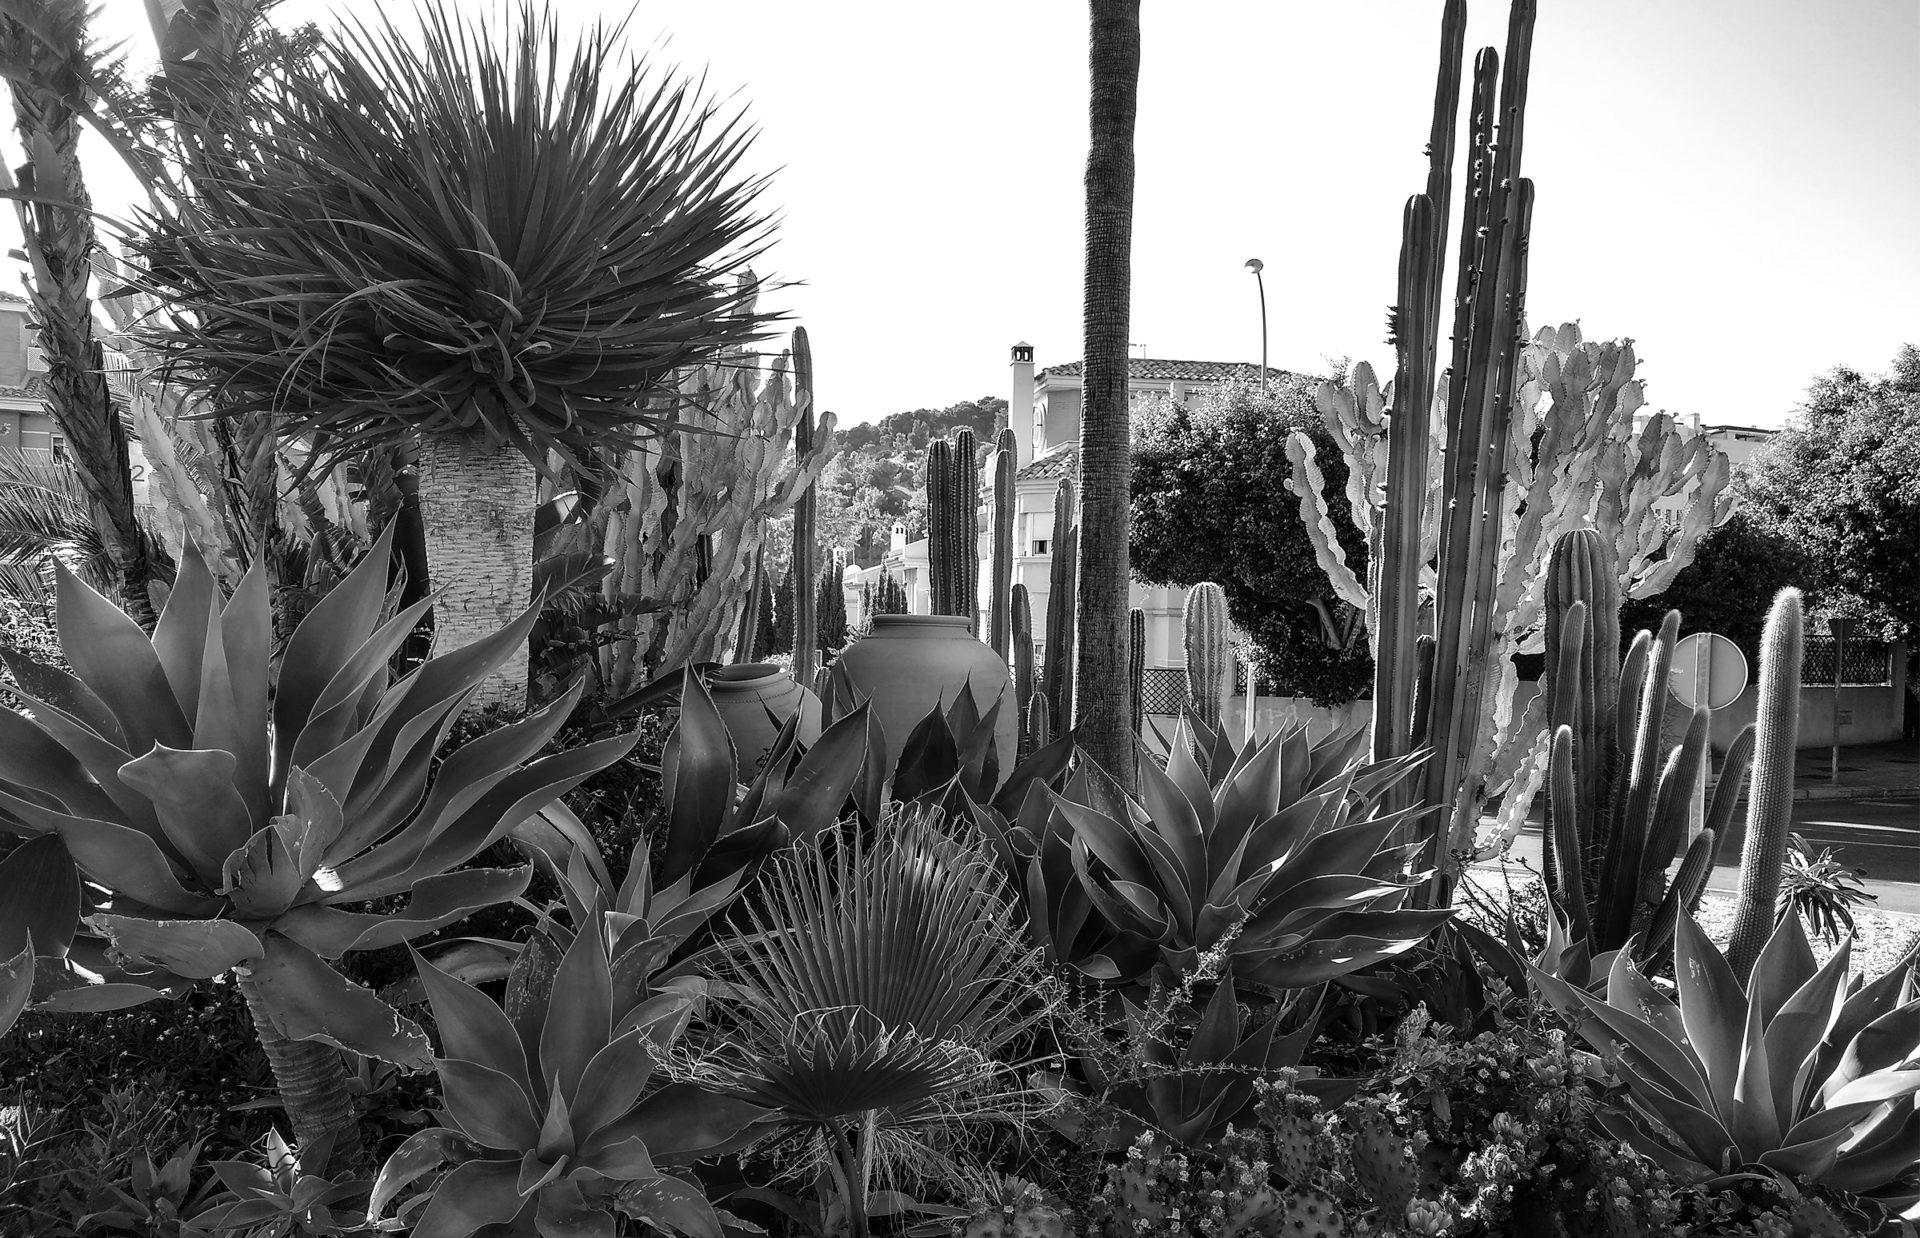 Jardín rotonda Parque Clavero Málaga